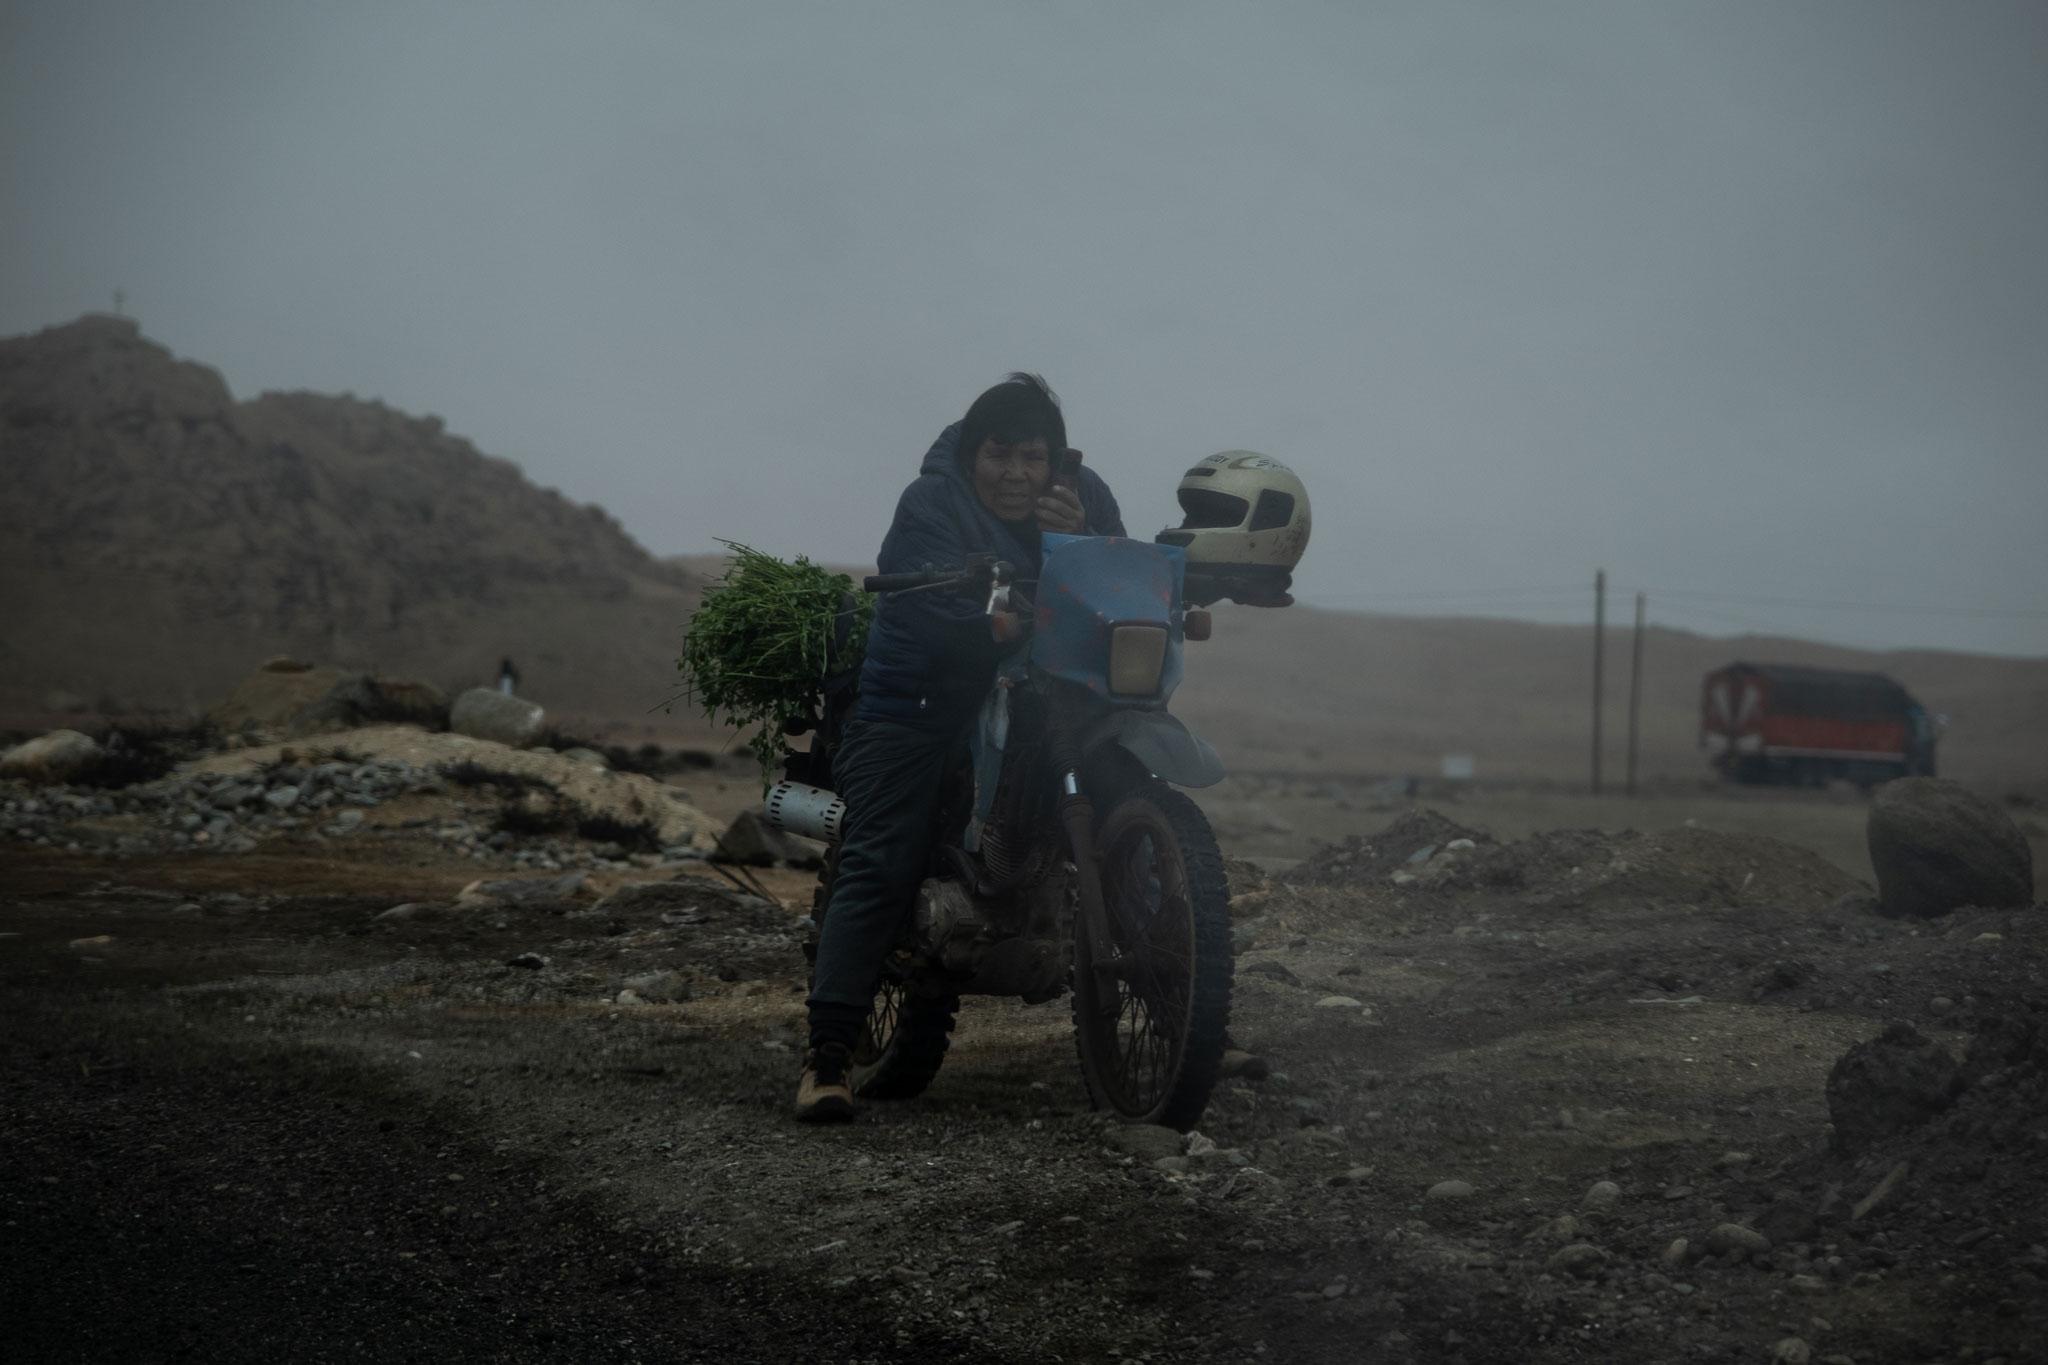 motorbike-rider-panamericana-peru